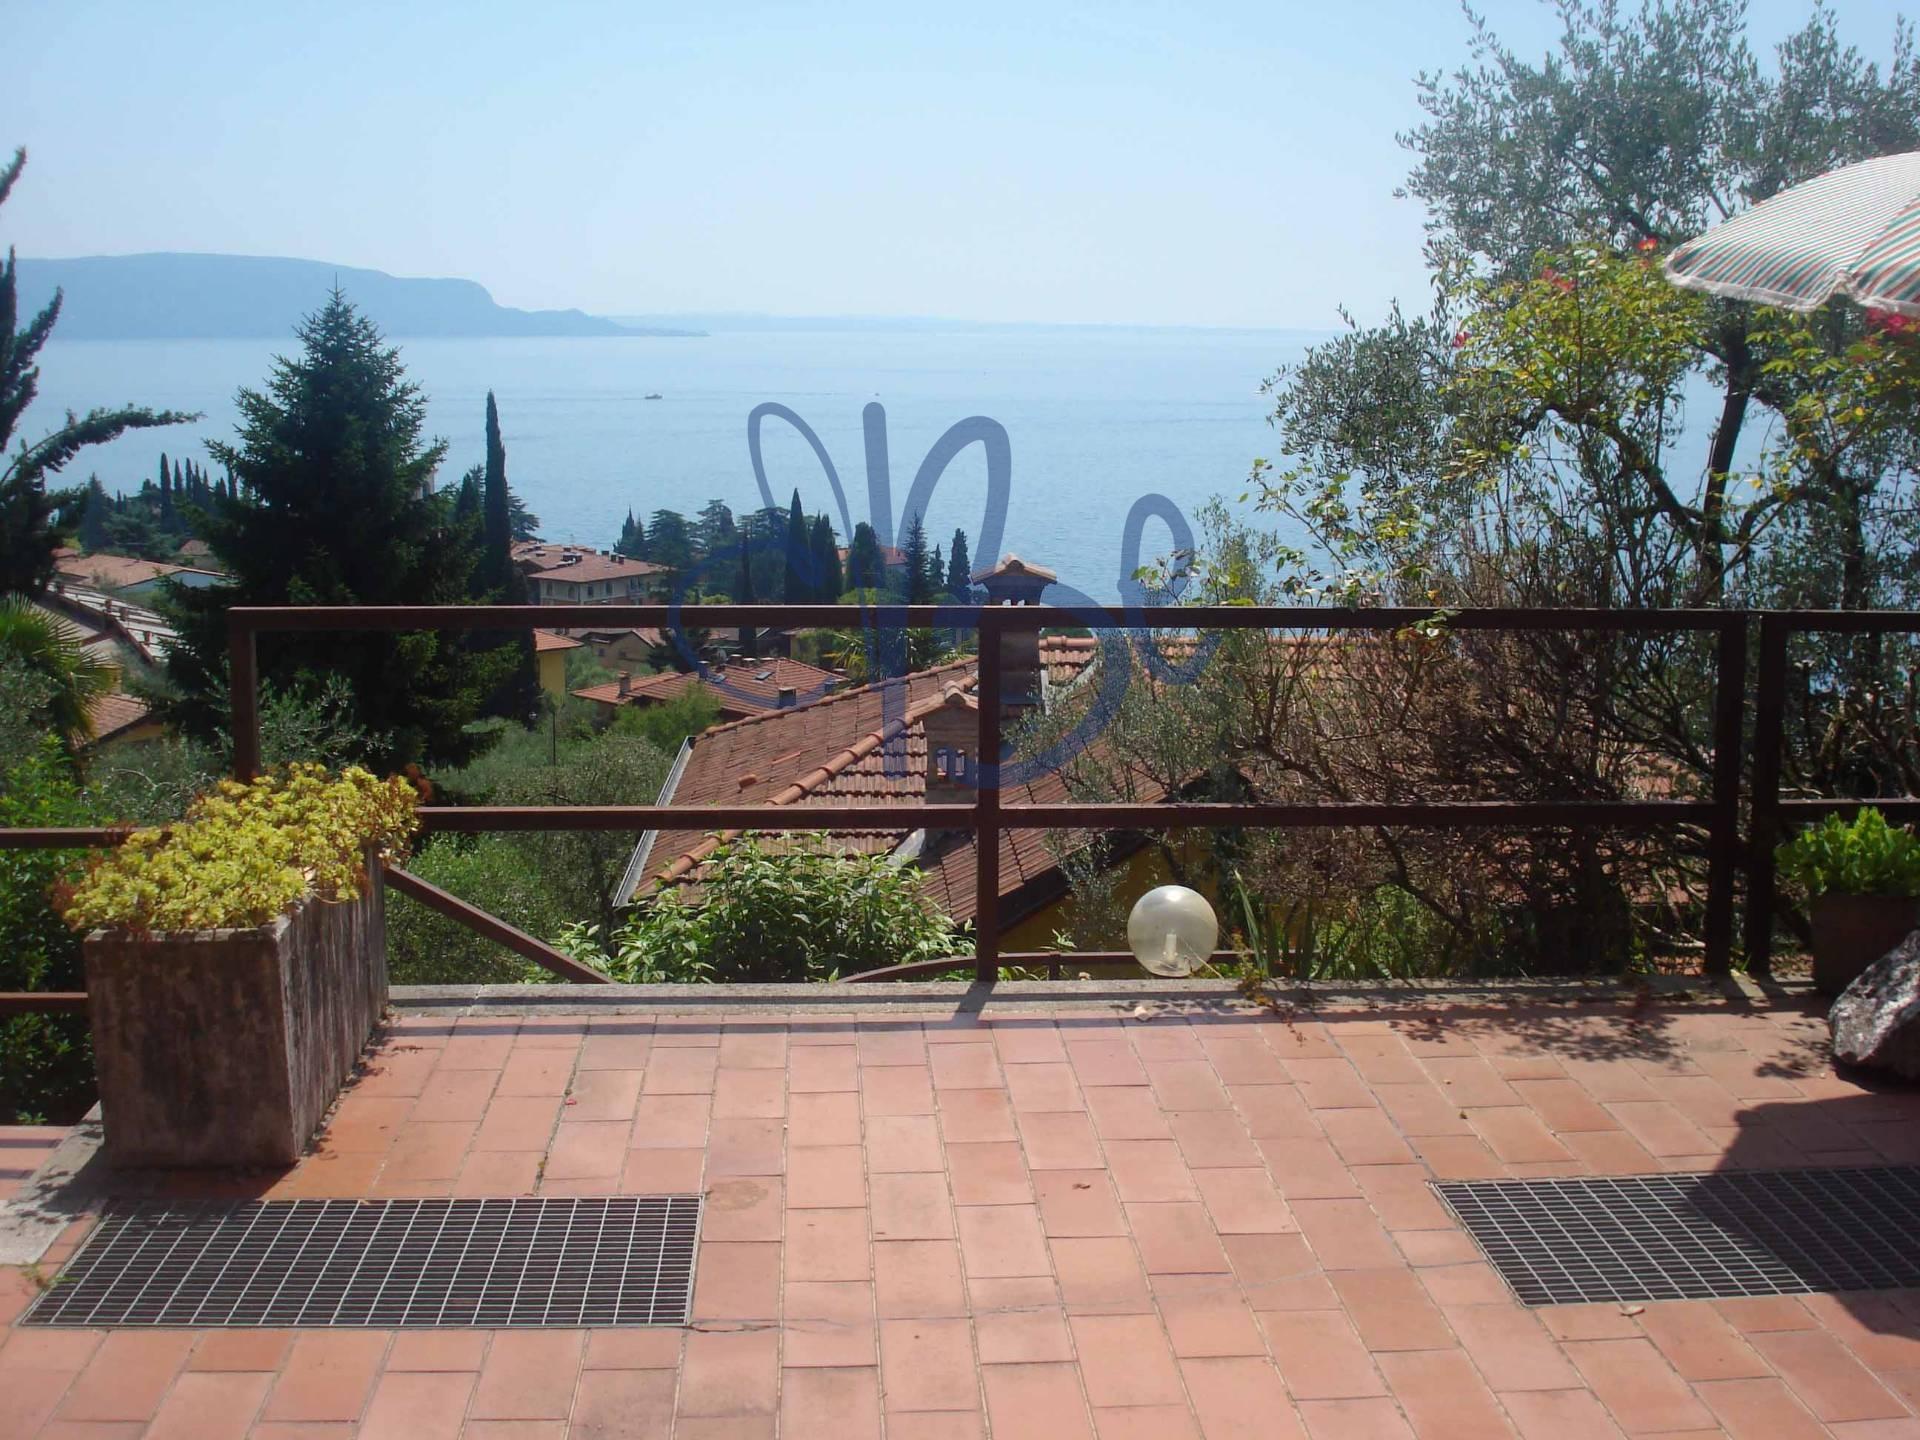 Appartamento in vendita a Gardone Riviera, 3 locali, zona Località: FasanoSopra, prezzo € 235.000 | Cambio Casa.it